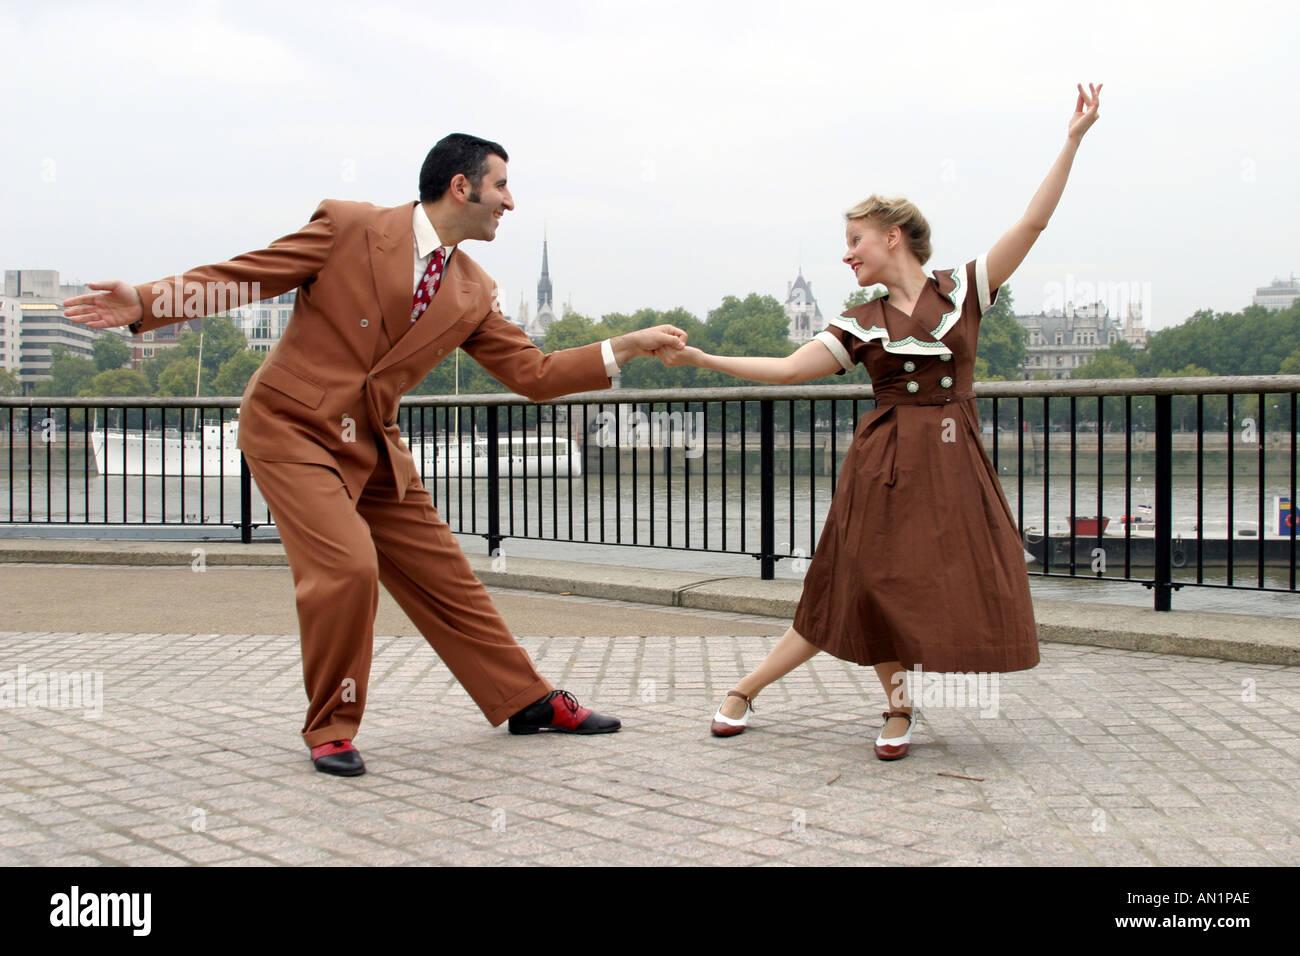 50c72c963abd6 Les danseurs de Lindy Hop vêtu de vêtements des années 40 Photo Stock